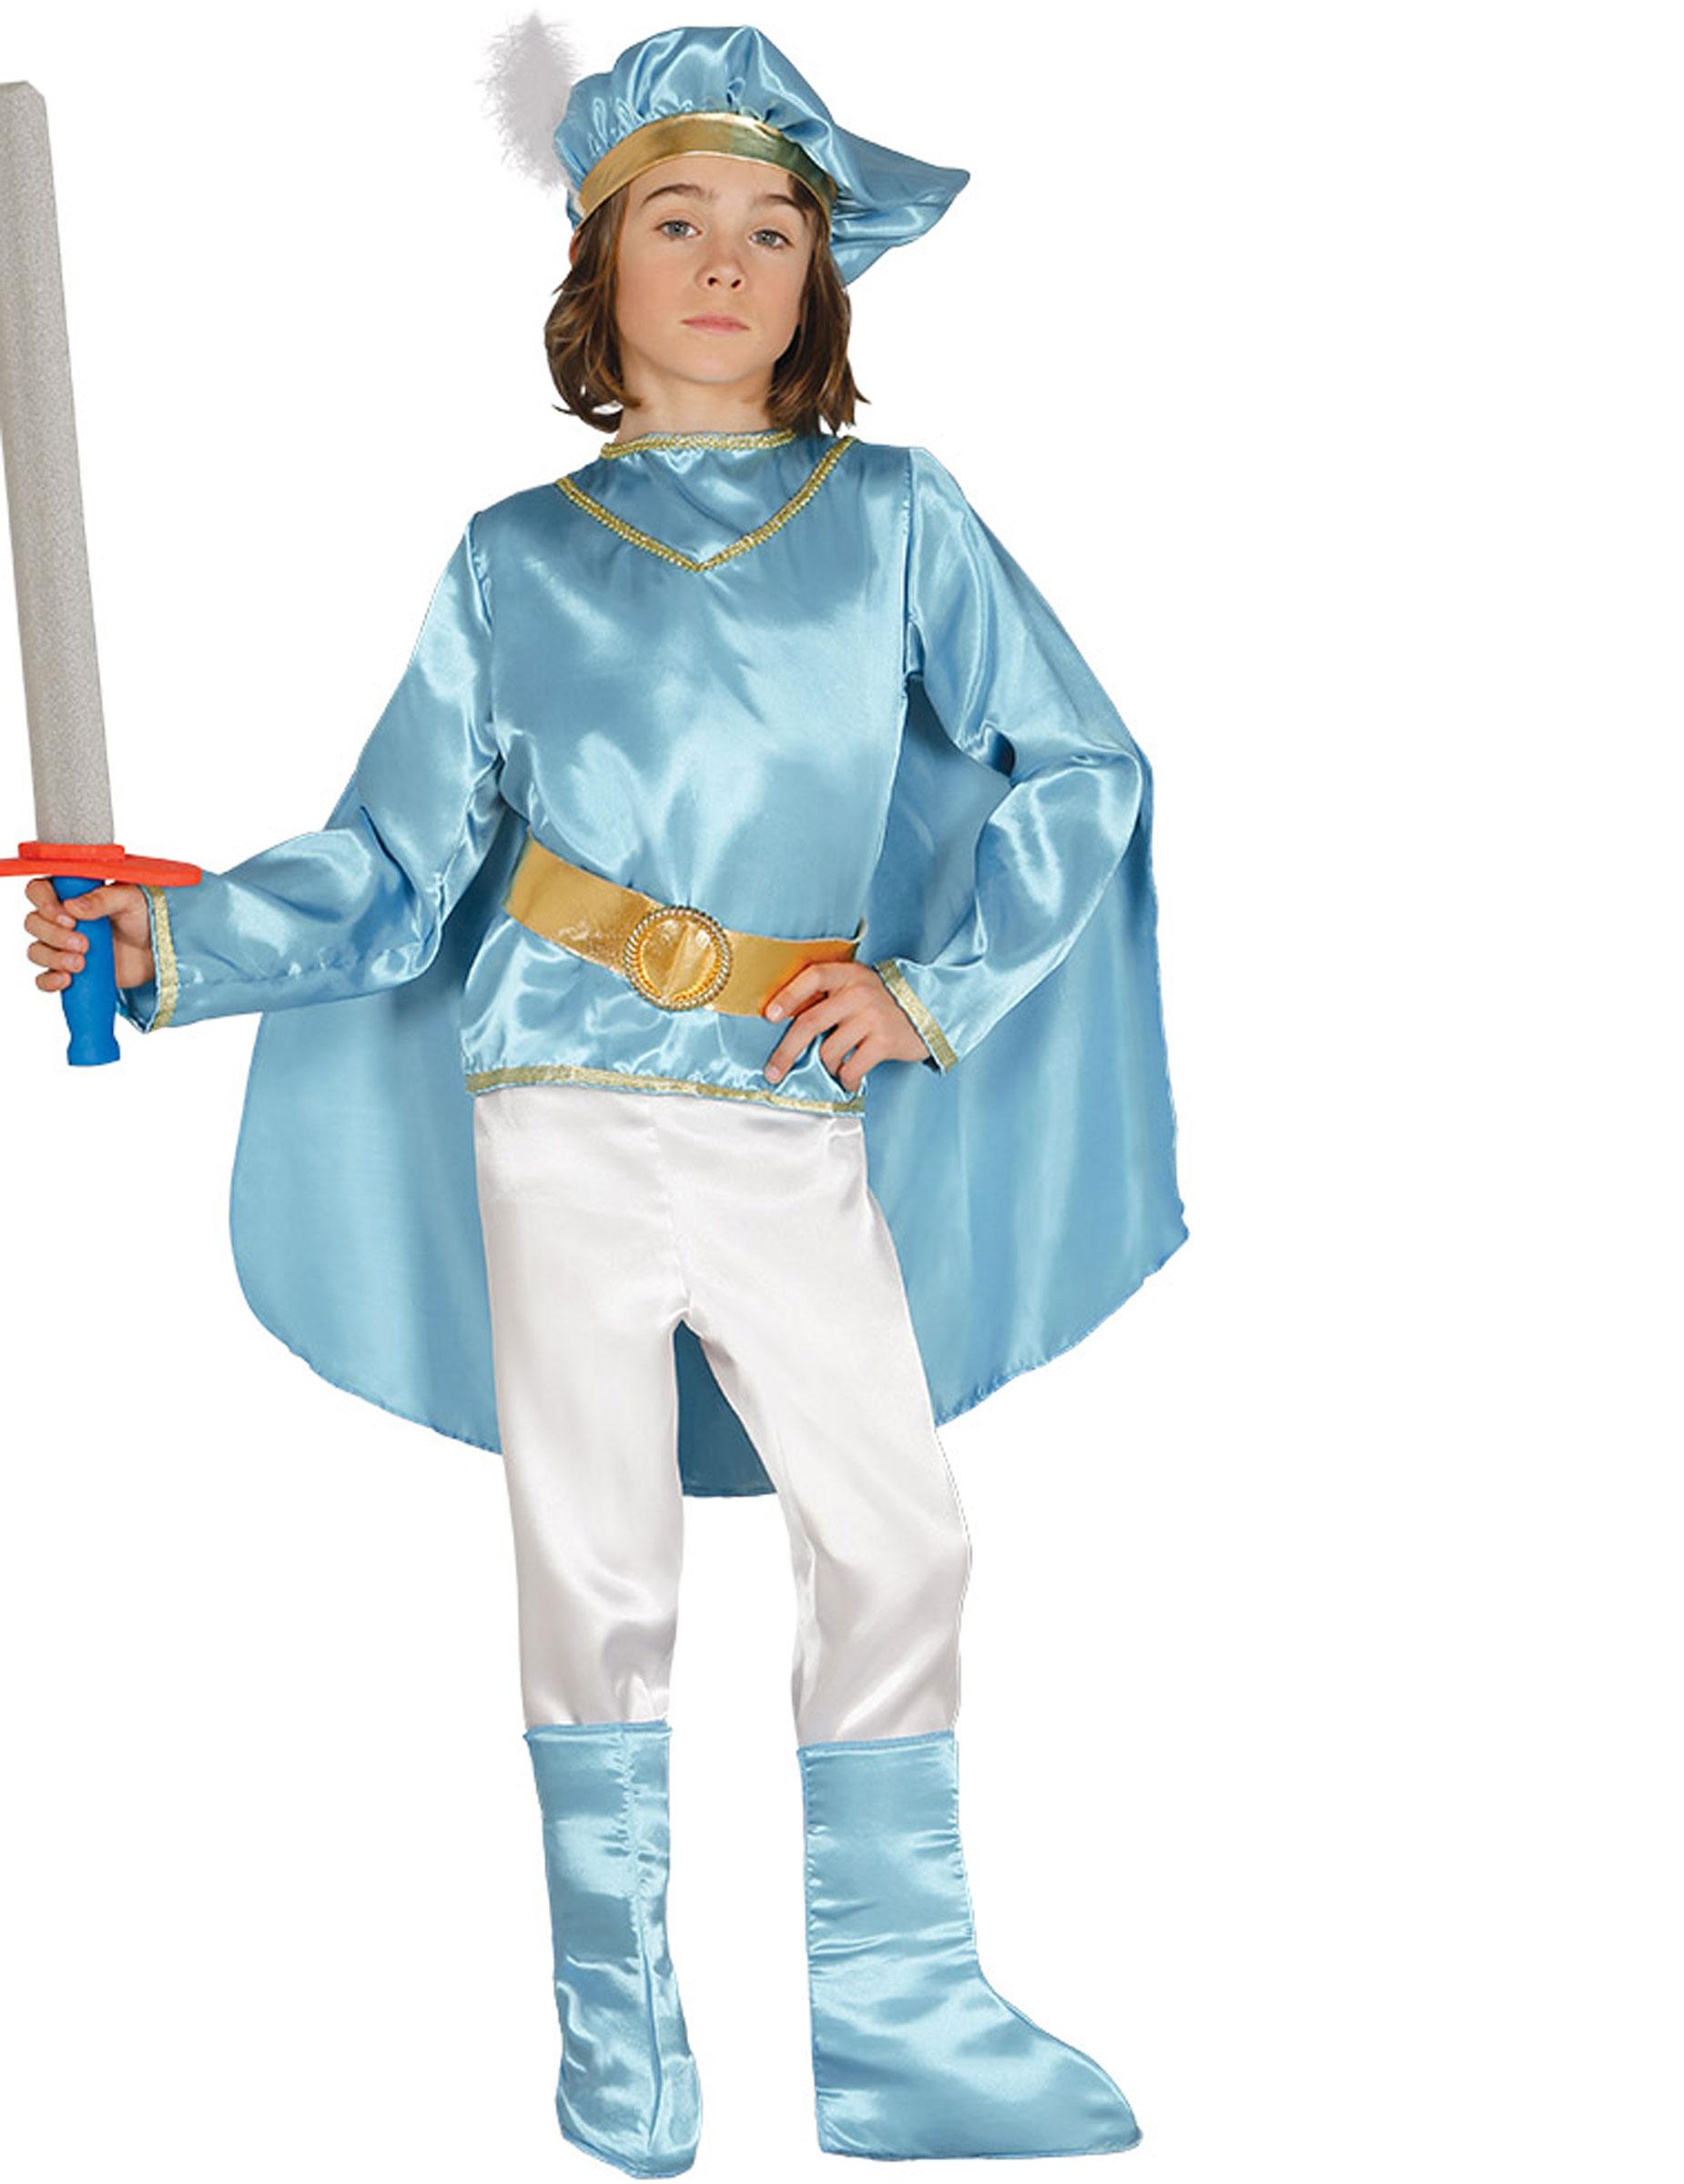 79f875d99f9d3 Costume da principe azzurro bambino  Costumi bambini